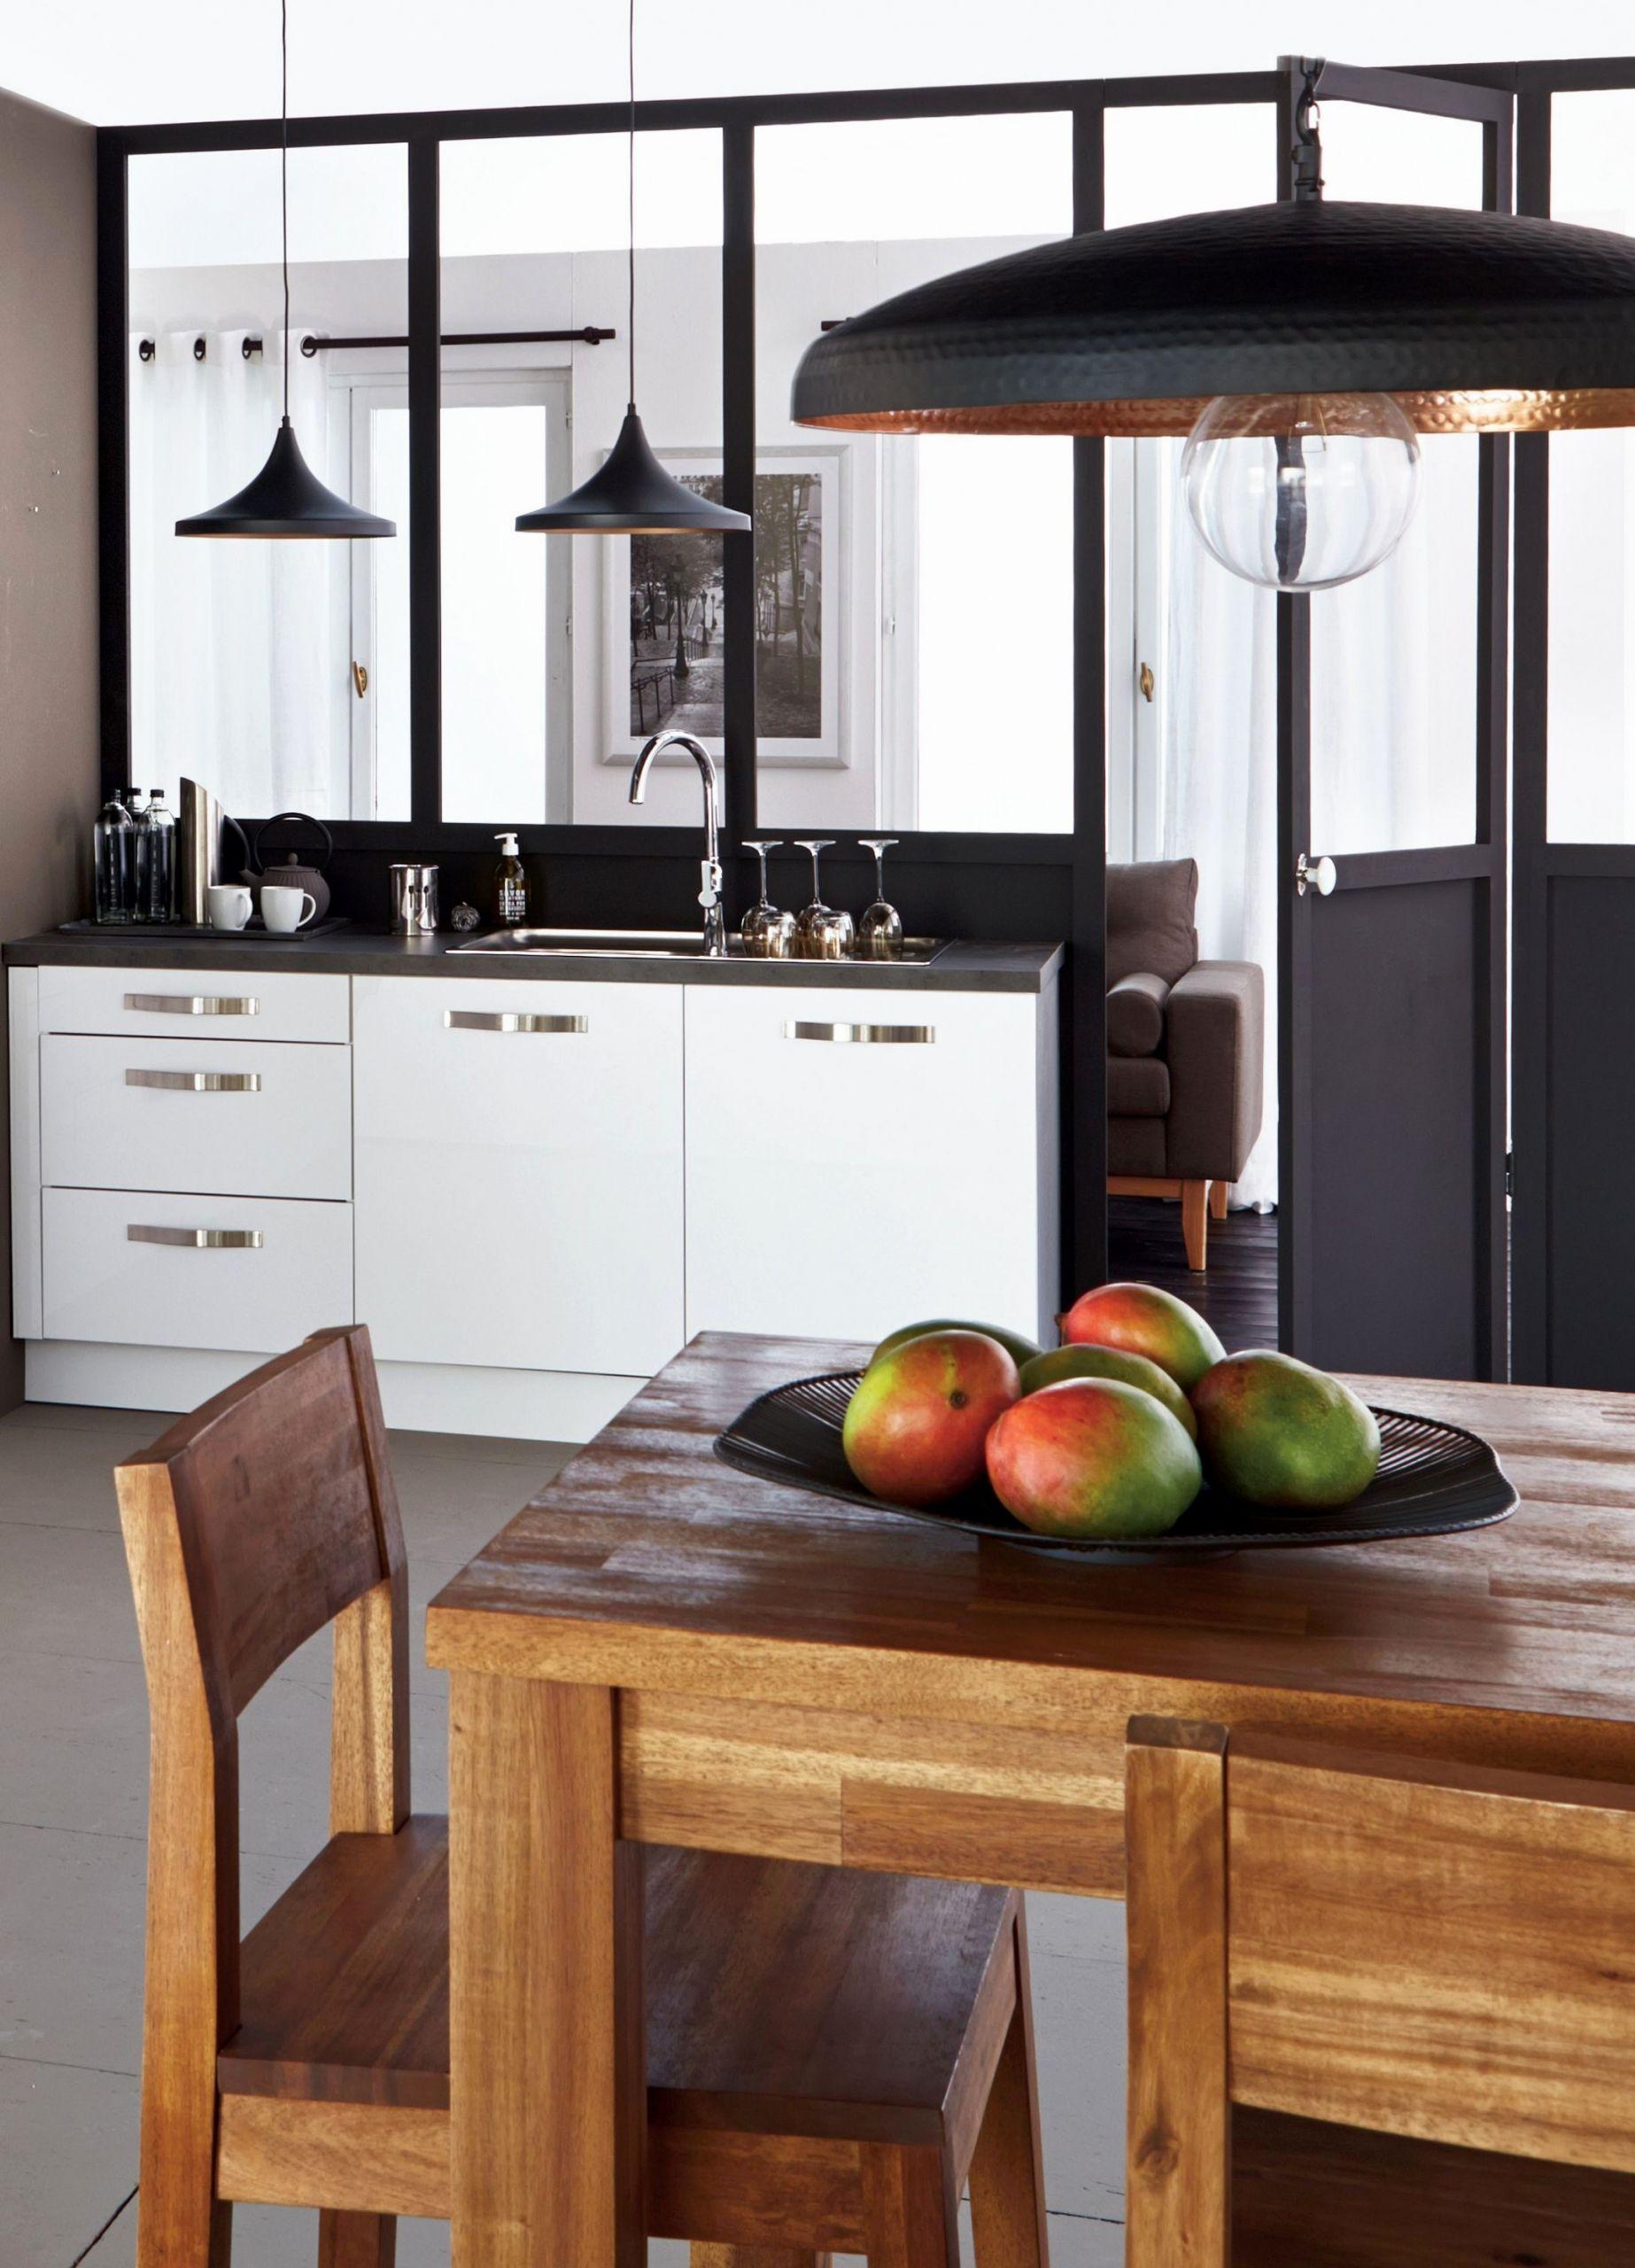 table de cuisine avec banc d angle awesome lesmeubles table d angle lounge mobel paletten table d angle a of table de cuisine avec banc d angle